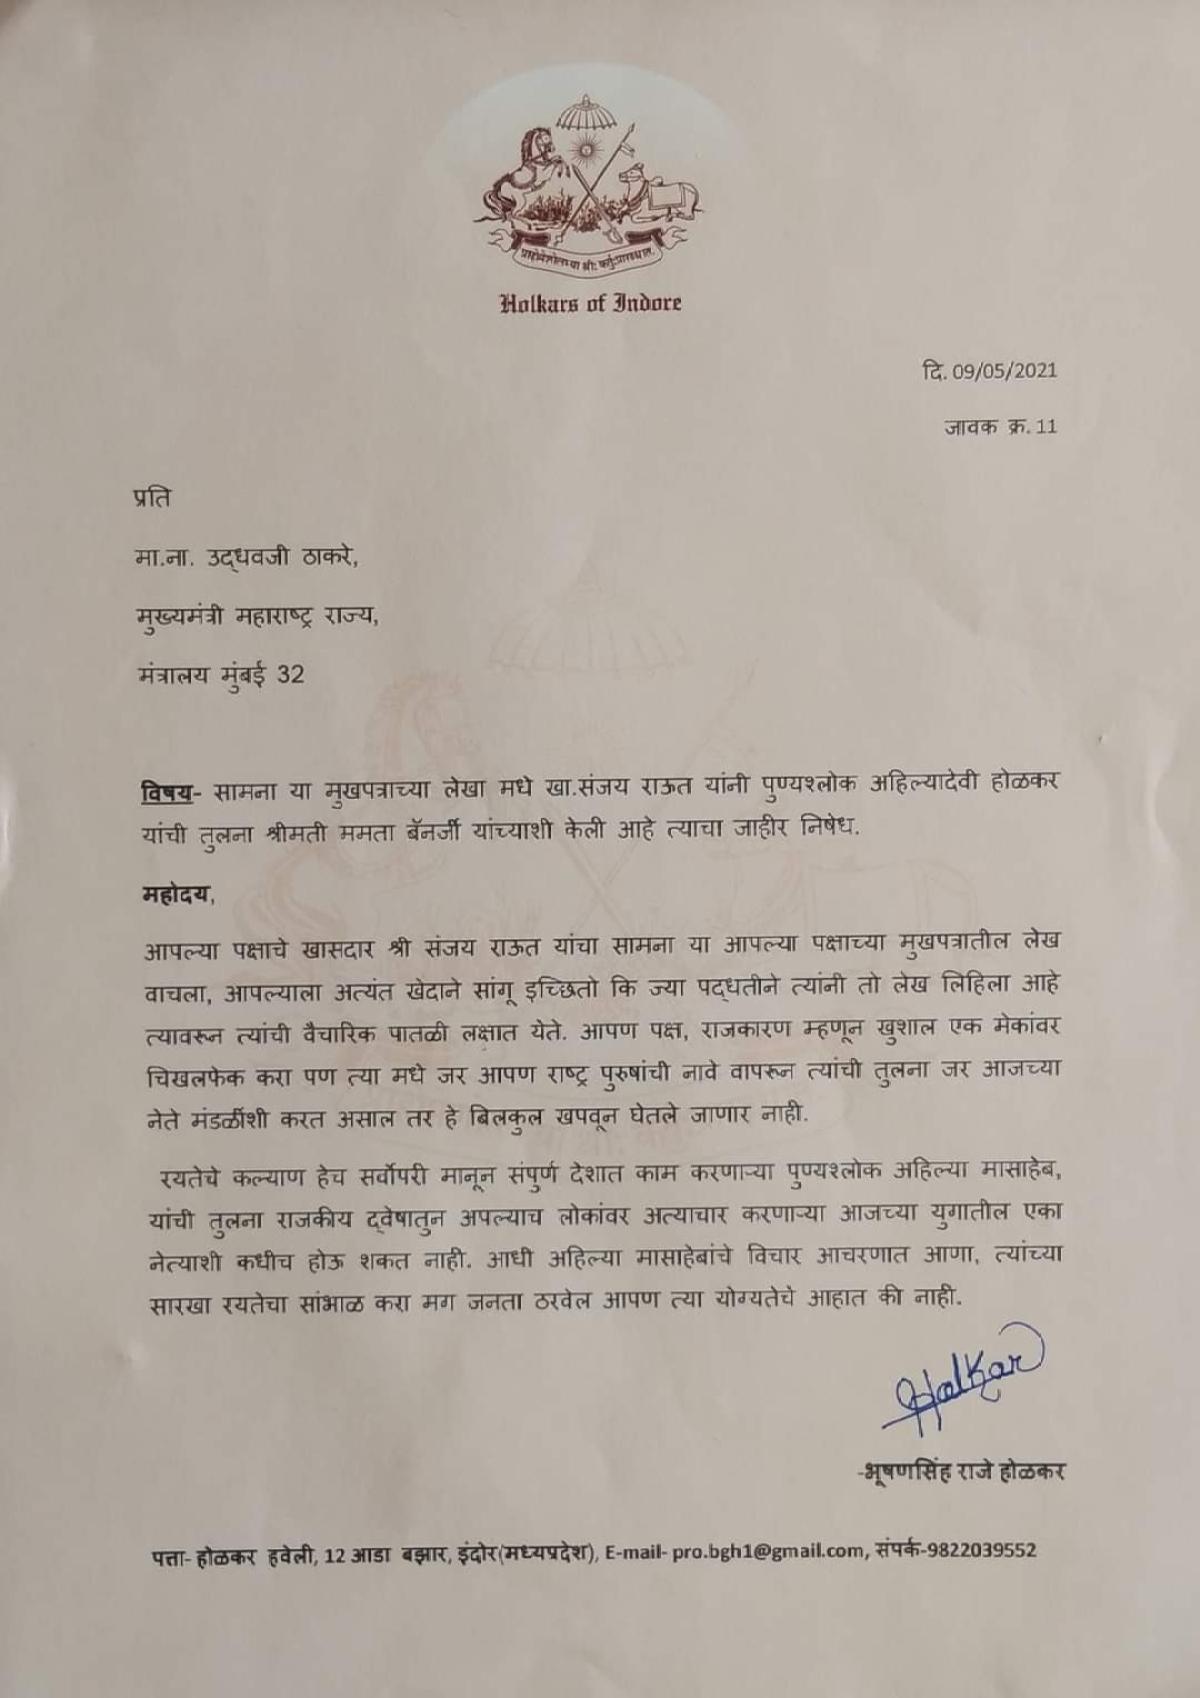 Letter to Uddhav Thackeray